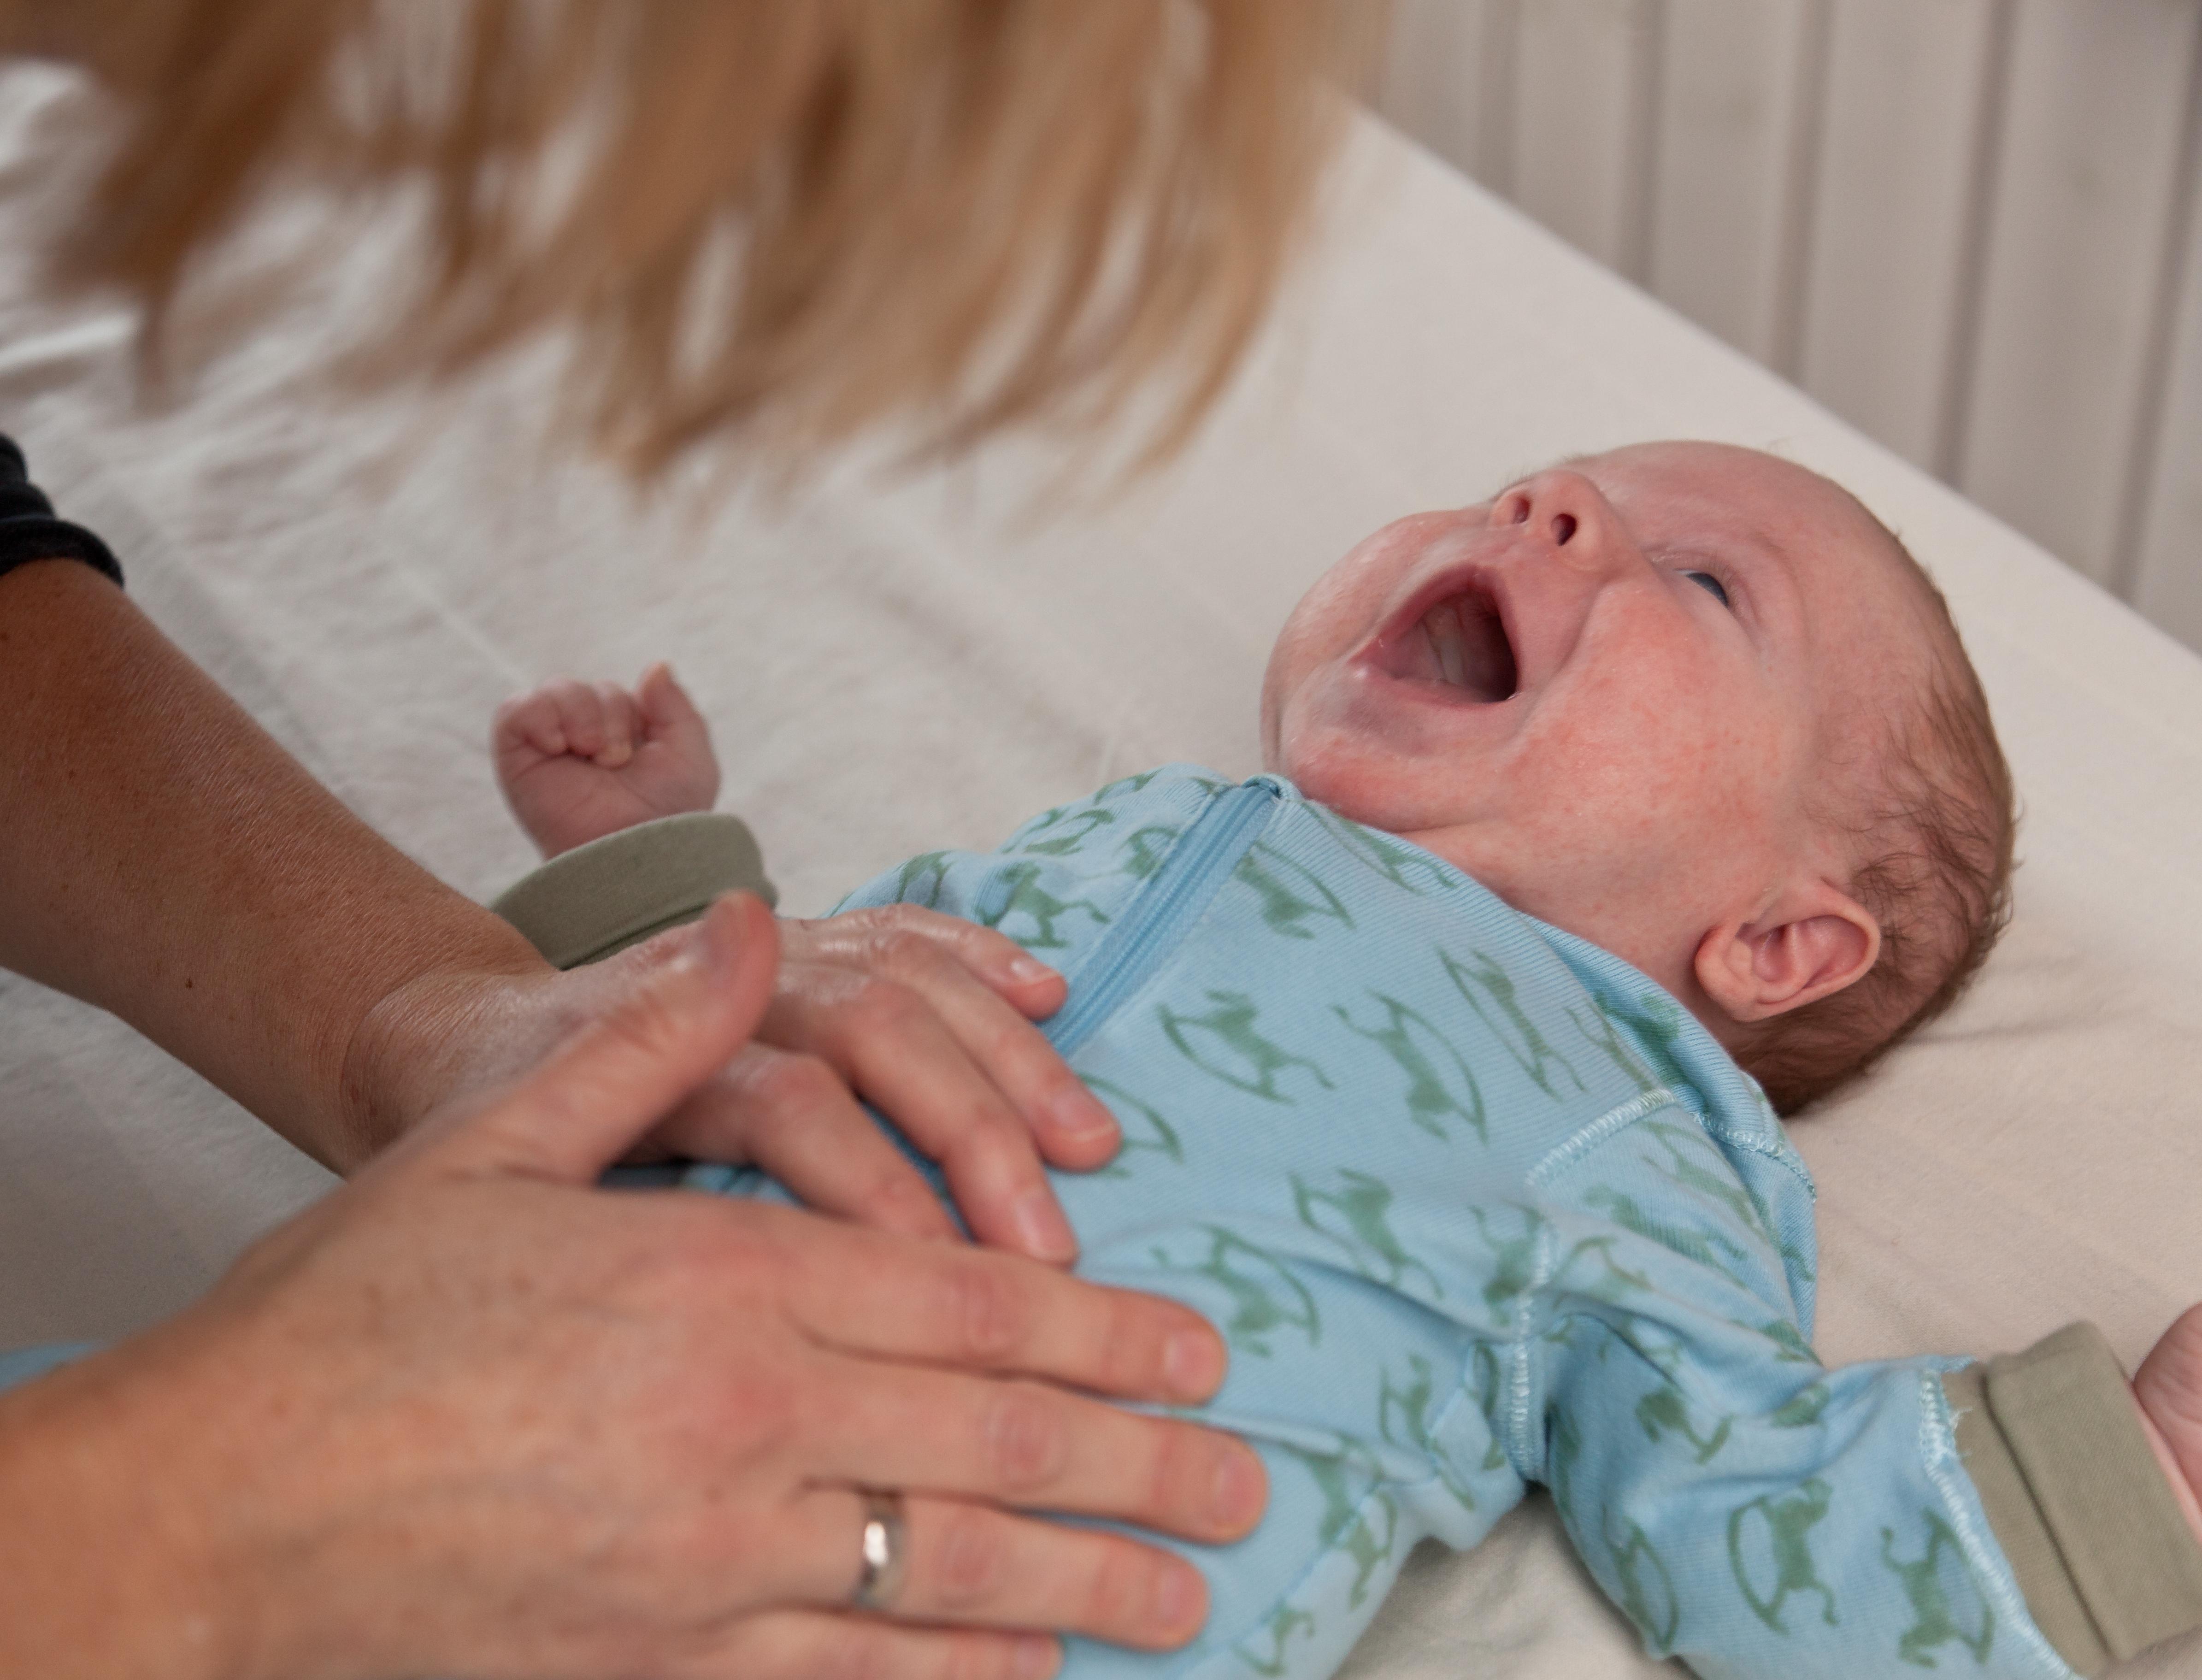 Babyer med refluks, der gylper meget, måske eksplosivt, ser jeg ofte her i klinikken. Prøv blid og effektiv behandling med Biodynamisk Kranio-Sakral Terapi. Kontakt eksamineret børne terapeut, Lis Hauge. Ring/sms på 40199714, og bestil tid i dag!